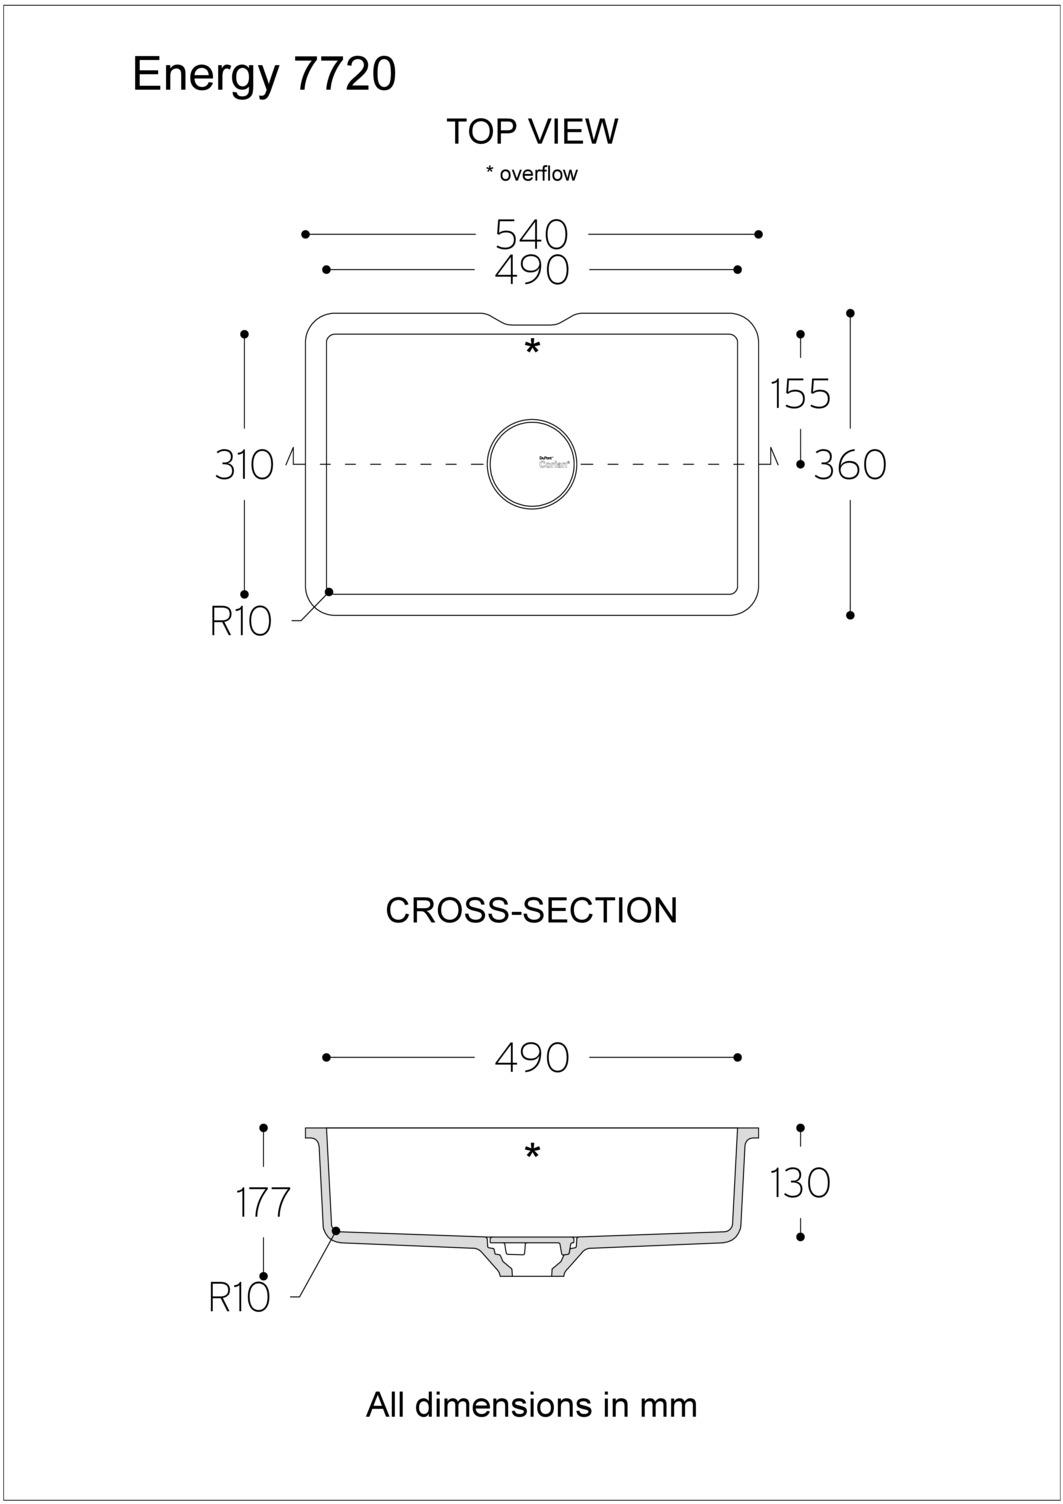 DUPONT_CORIAN_ENERGY7720_2D_PDF[0]